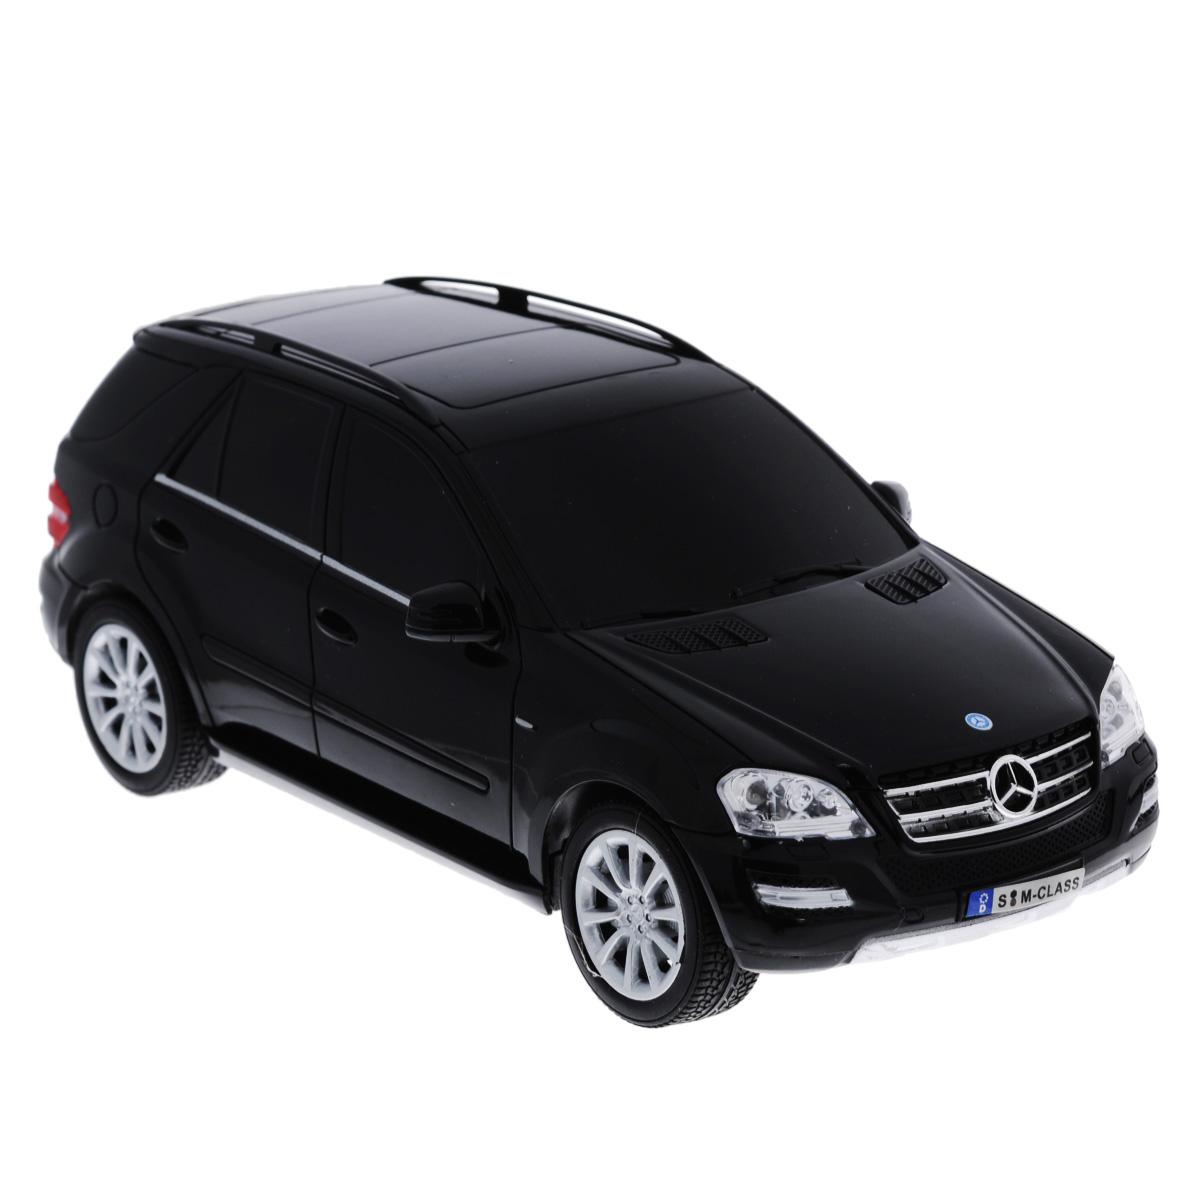 TopGear Радиоуправляемая модель Mercedes-Benz M350 цвет черный масштаб 1:18